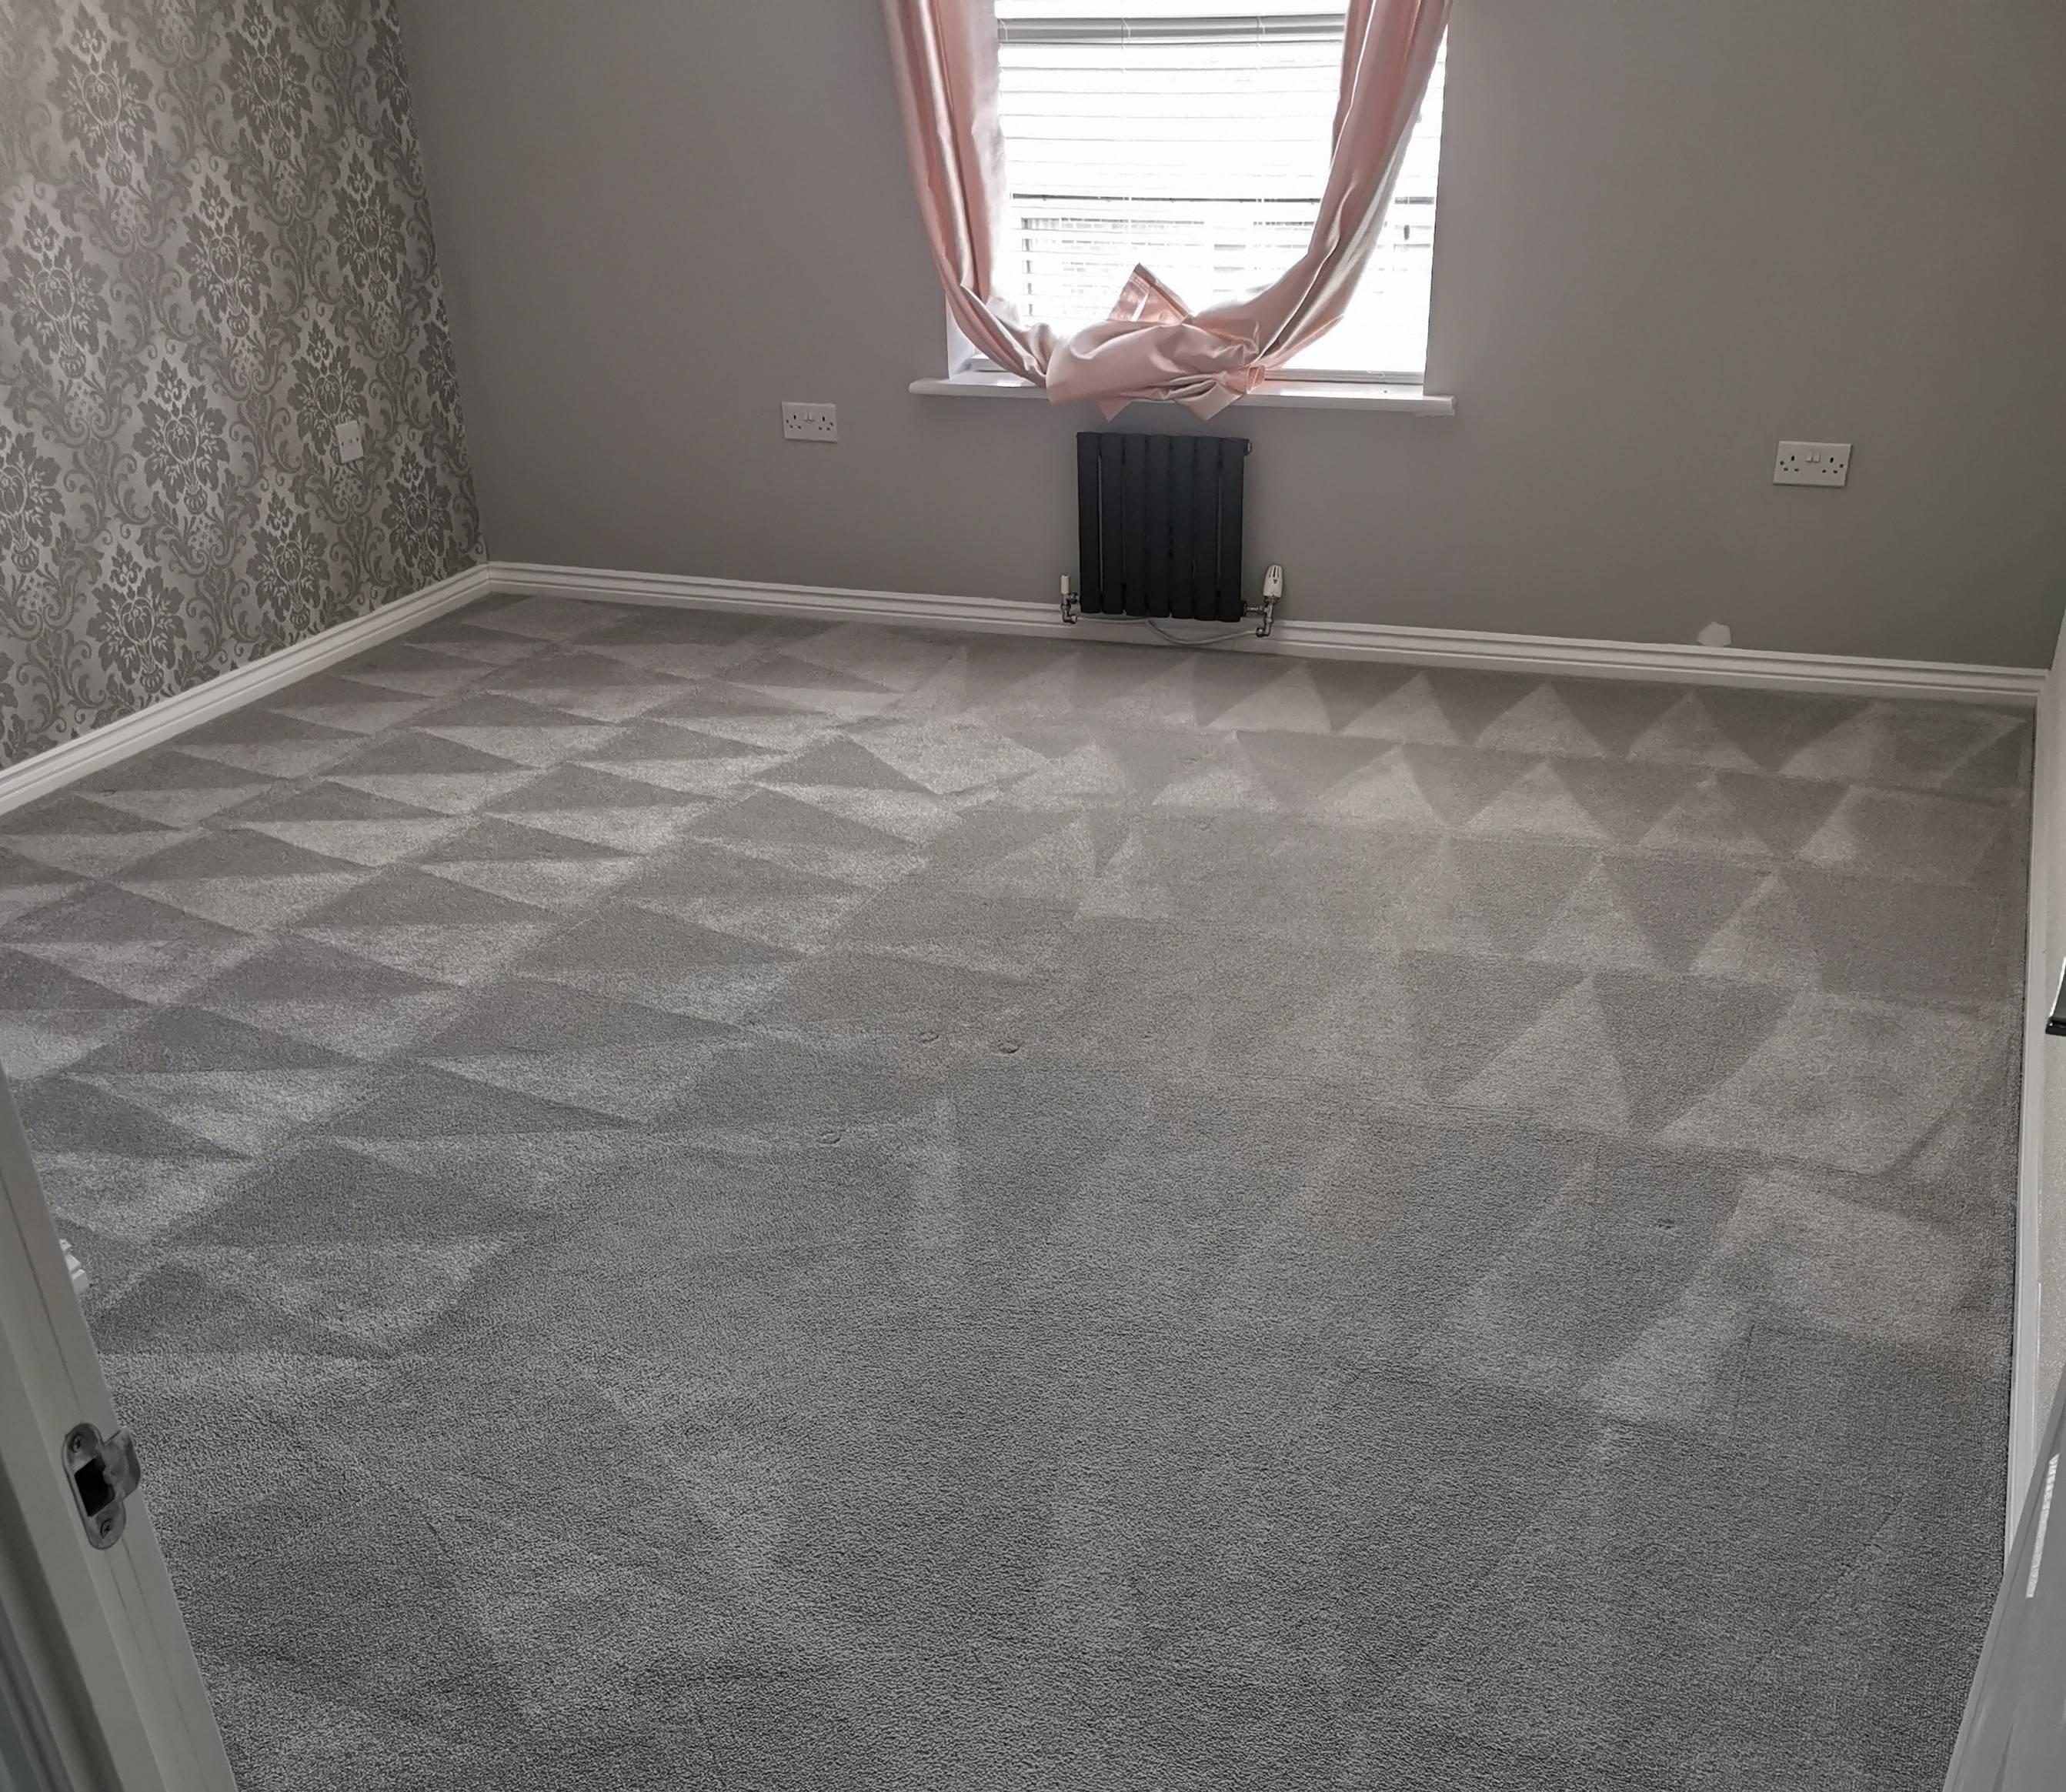 Bedroom carpet clean